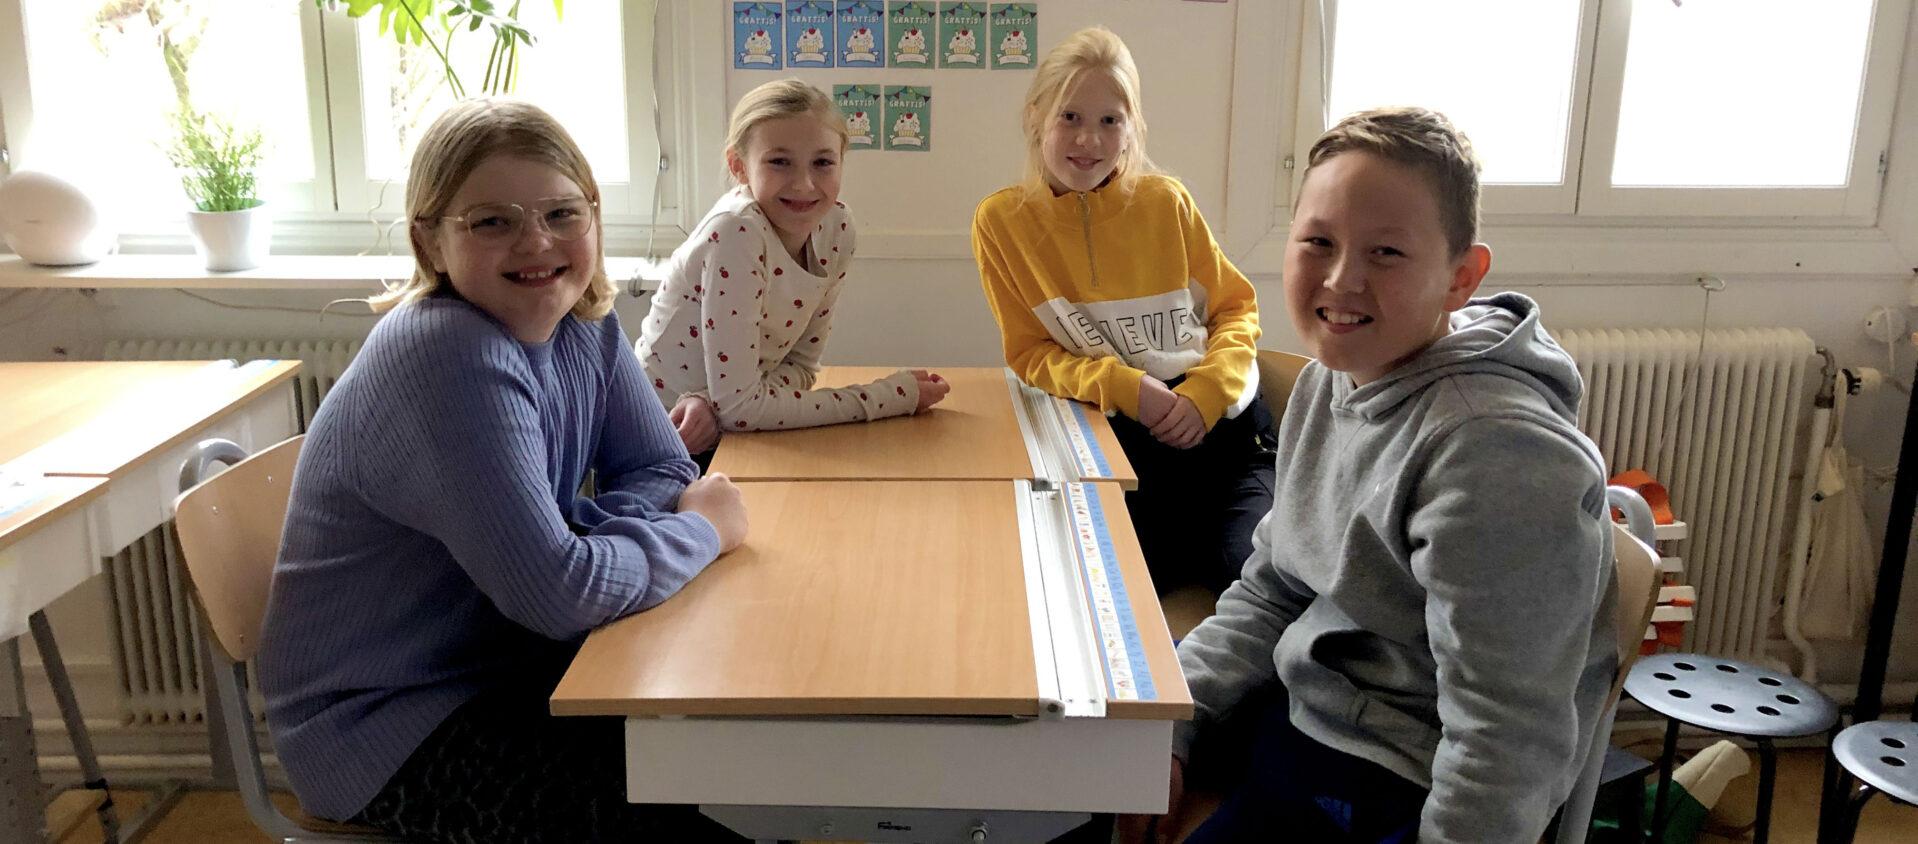 Elever på Tryserum skola funderar över vad barn kan göra för att öka jämlikheten vad vad som är vuxnas ansvar